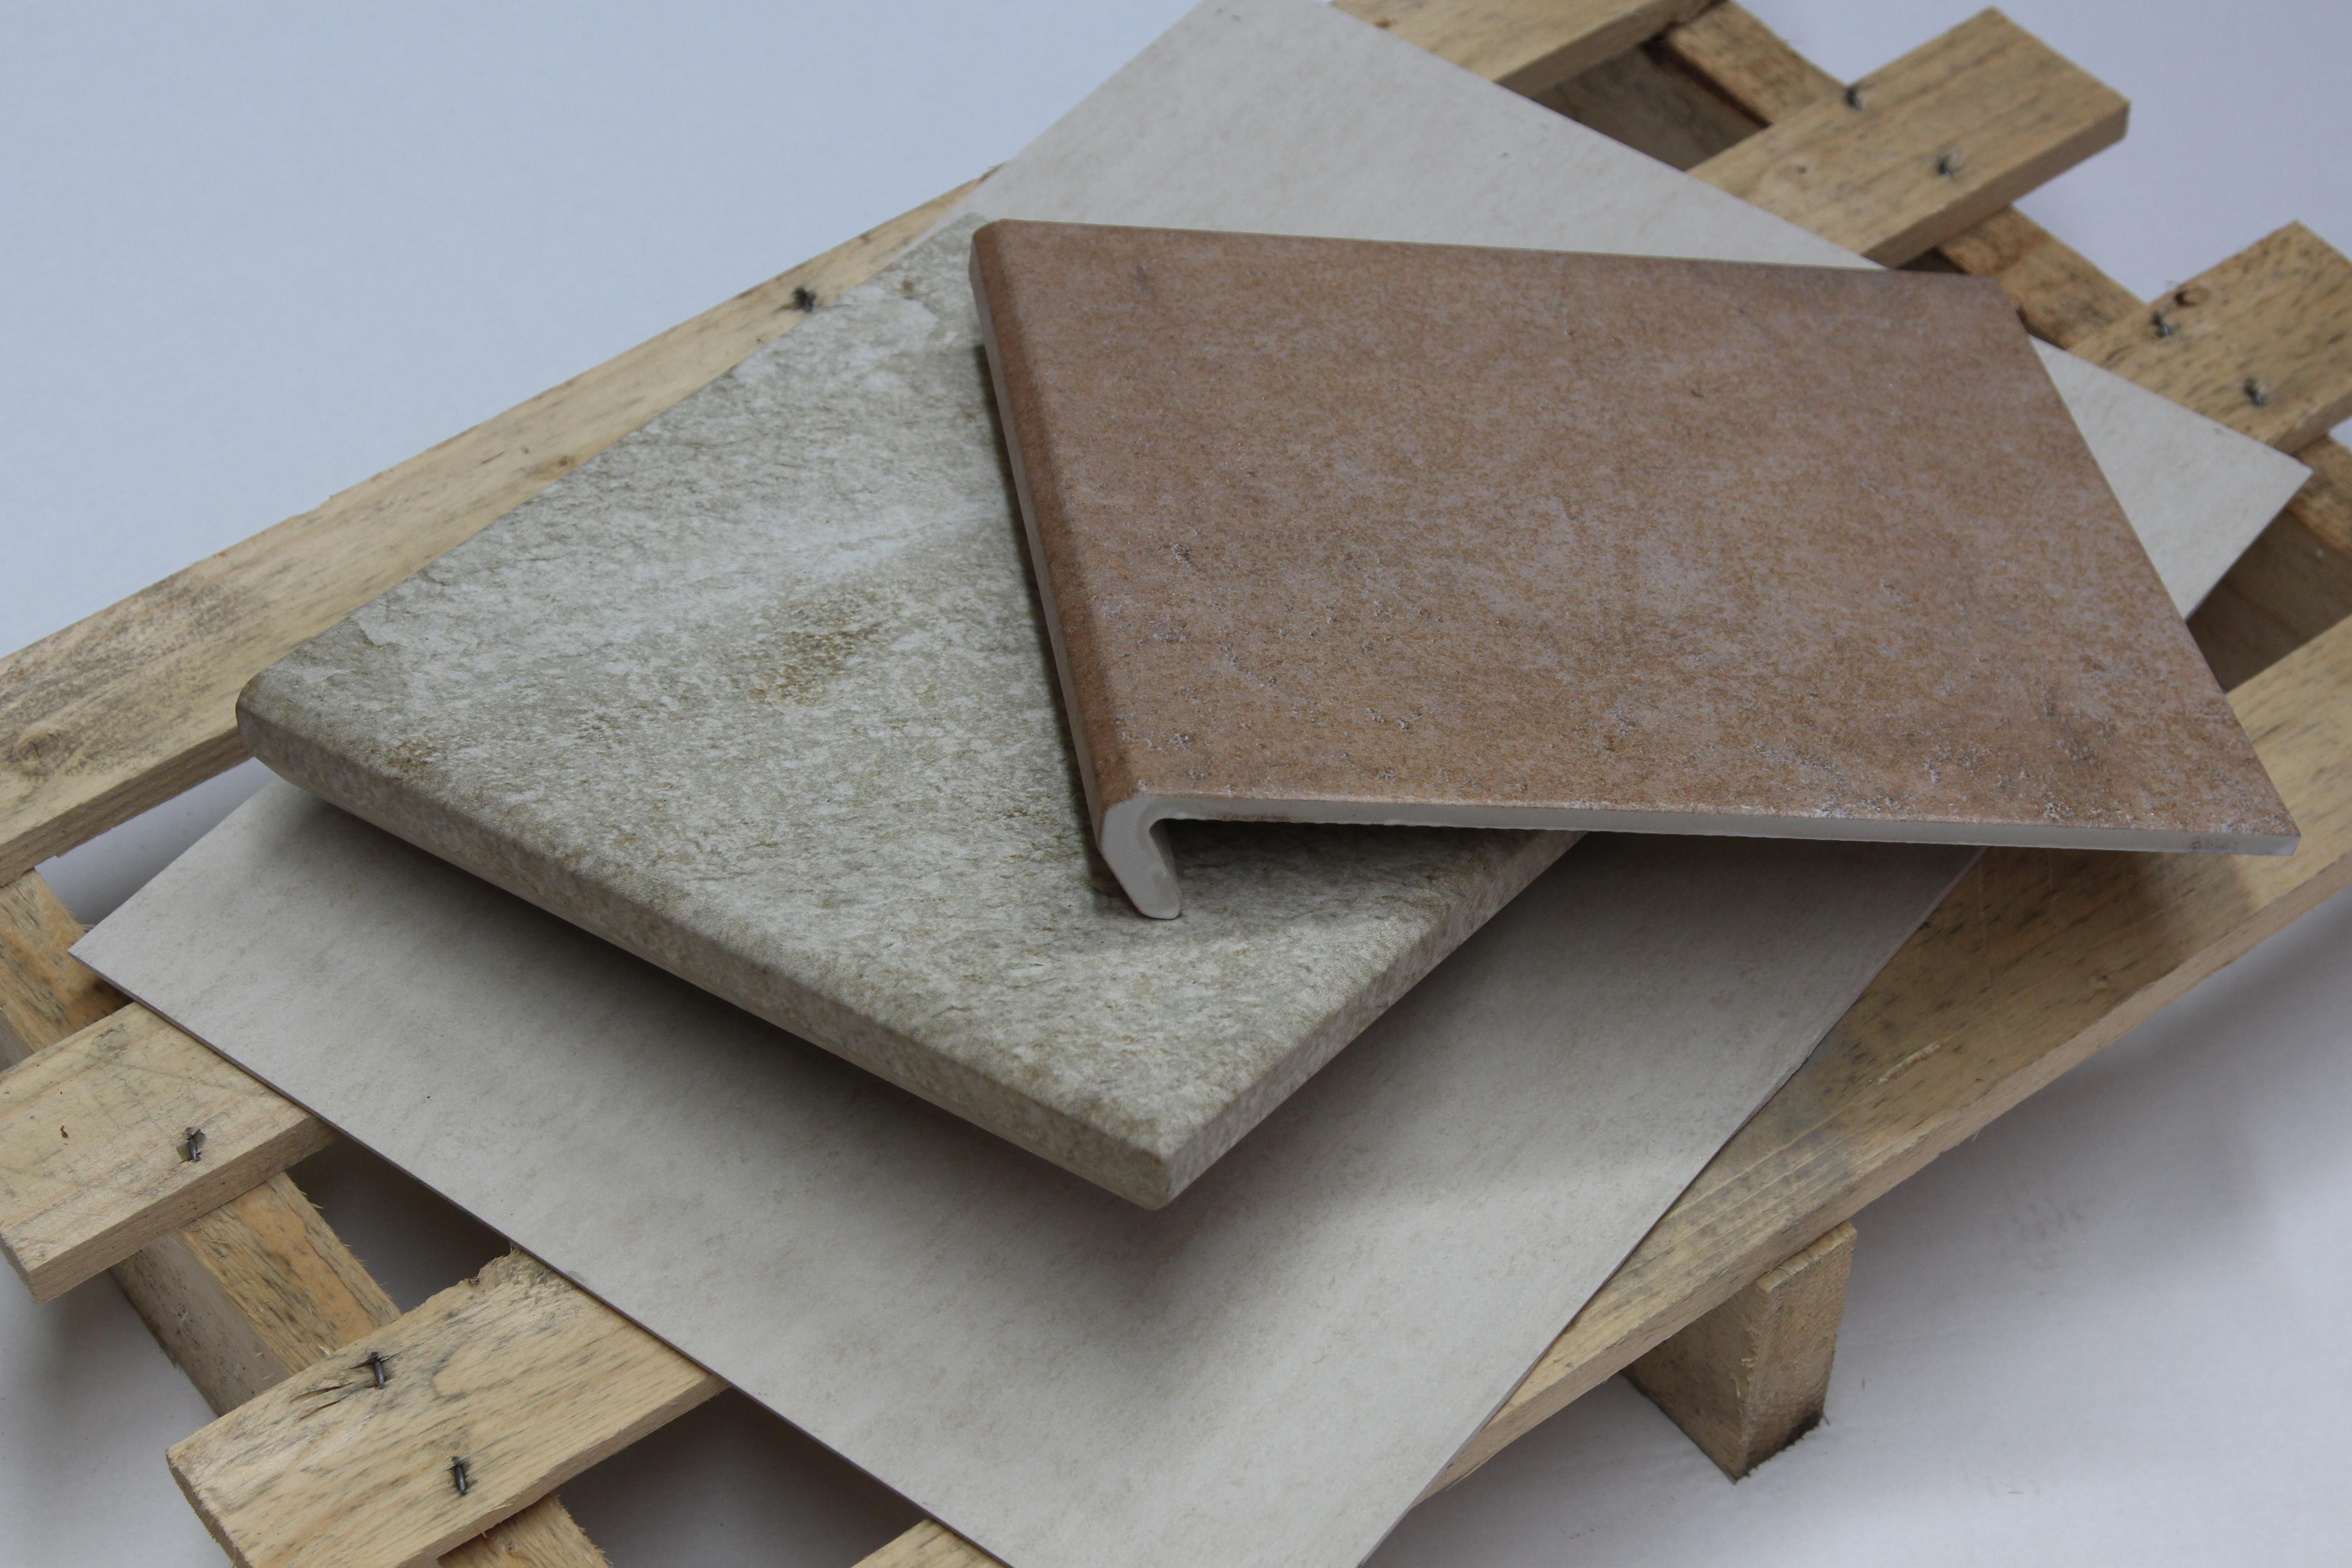 Pezzi Speciali In Ceramica.Pezzi Speciali Ceramica Gradino Gradone Monolitico Squadrato Moderno